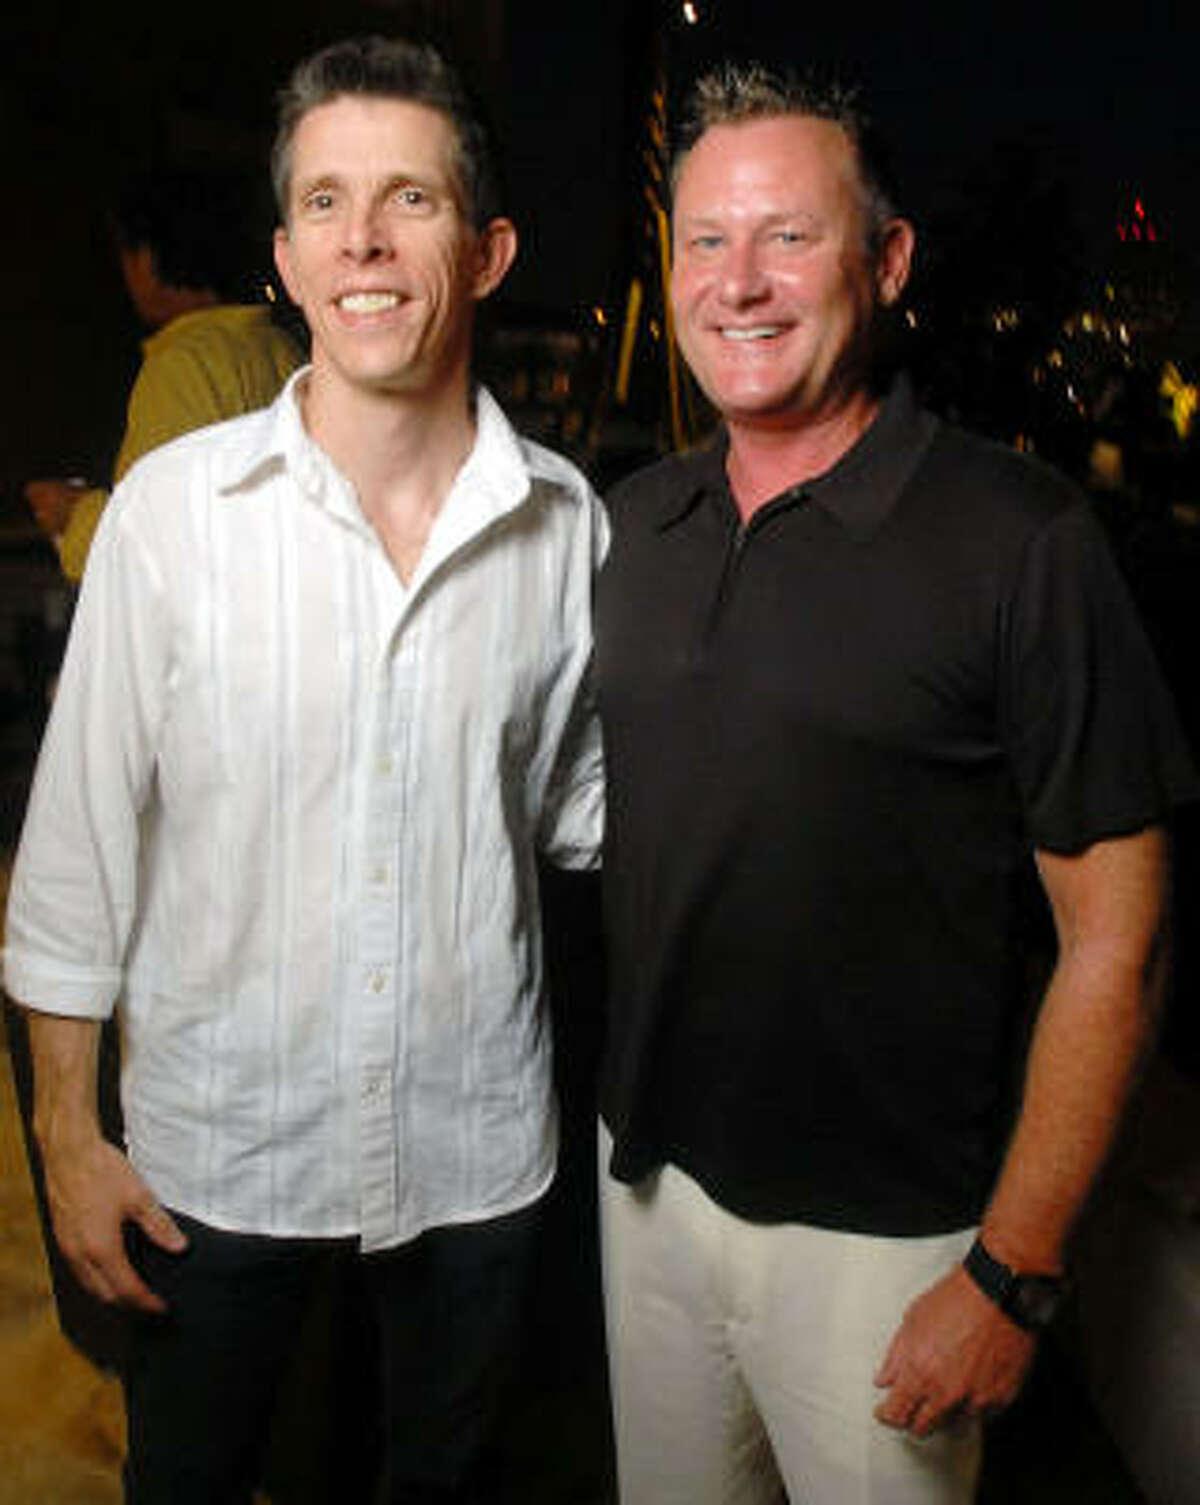 Edward Folse and Greg Martin